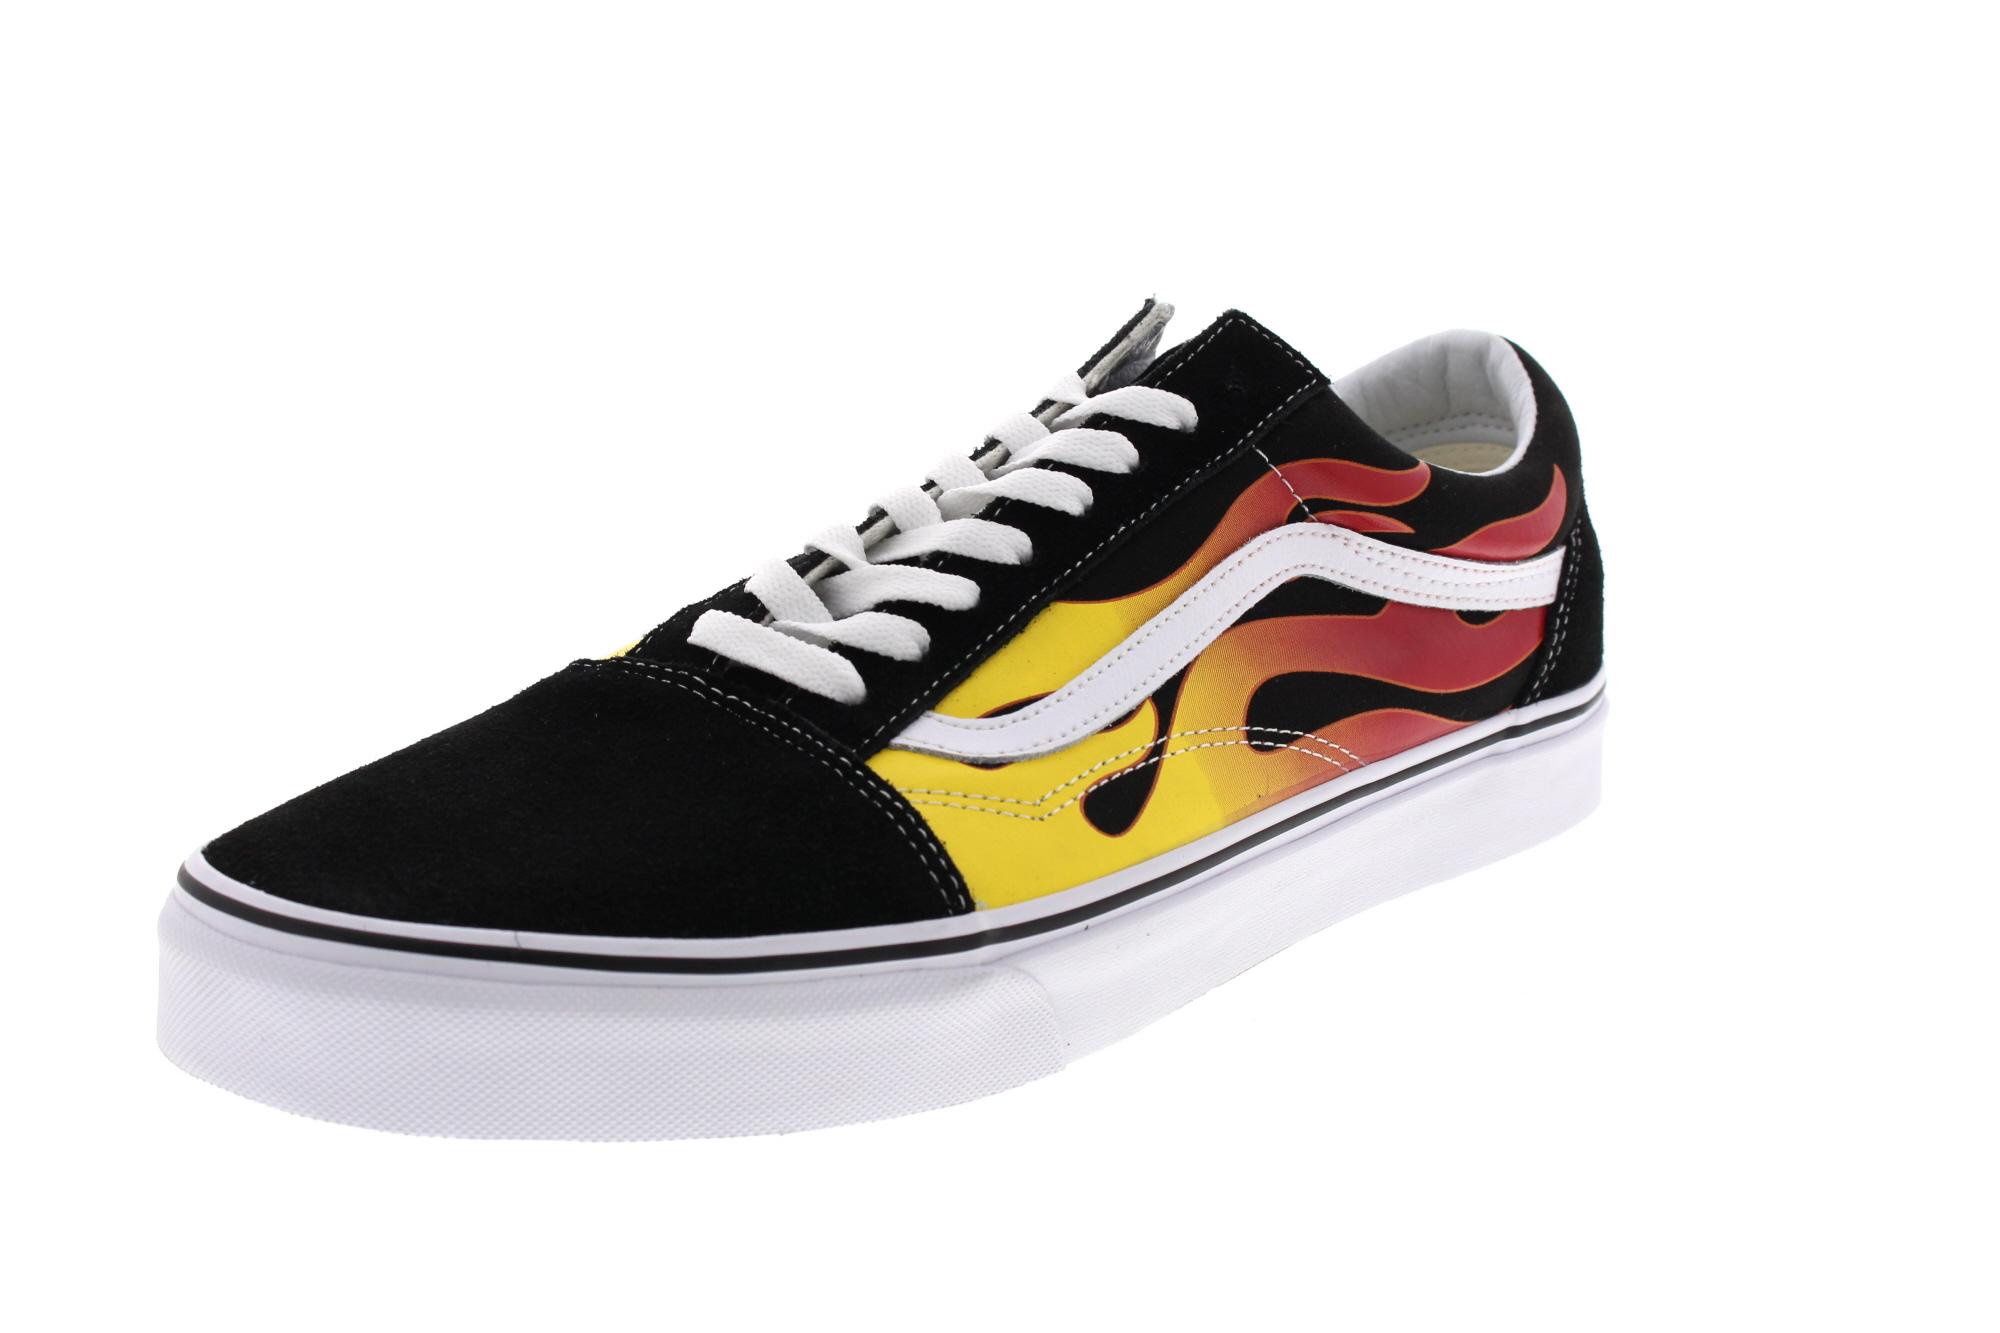 VANS Sneakers  in Übergrößen - OLD SKOOL - Flame black